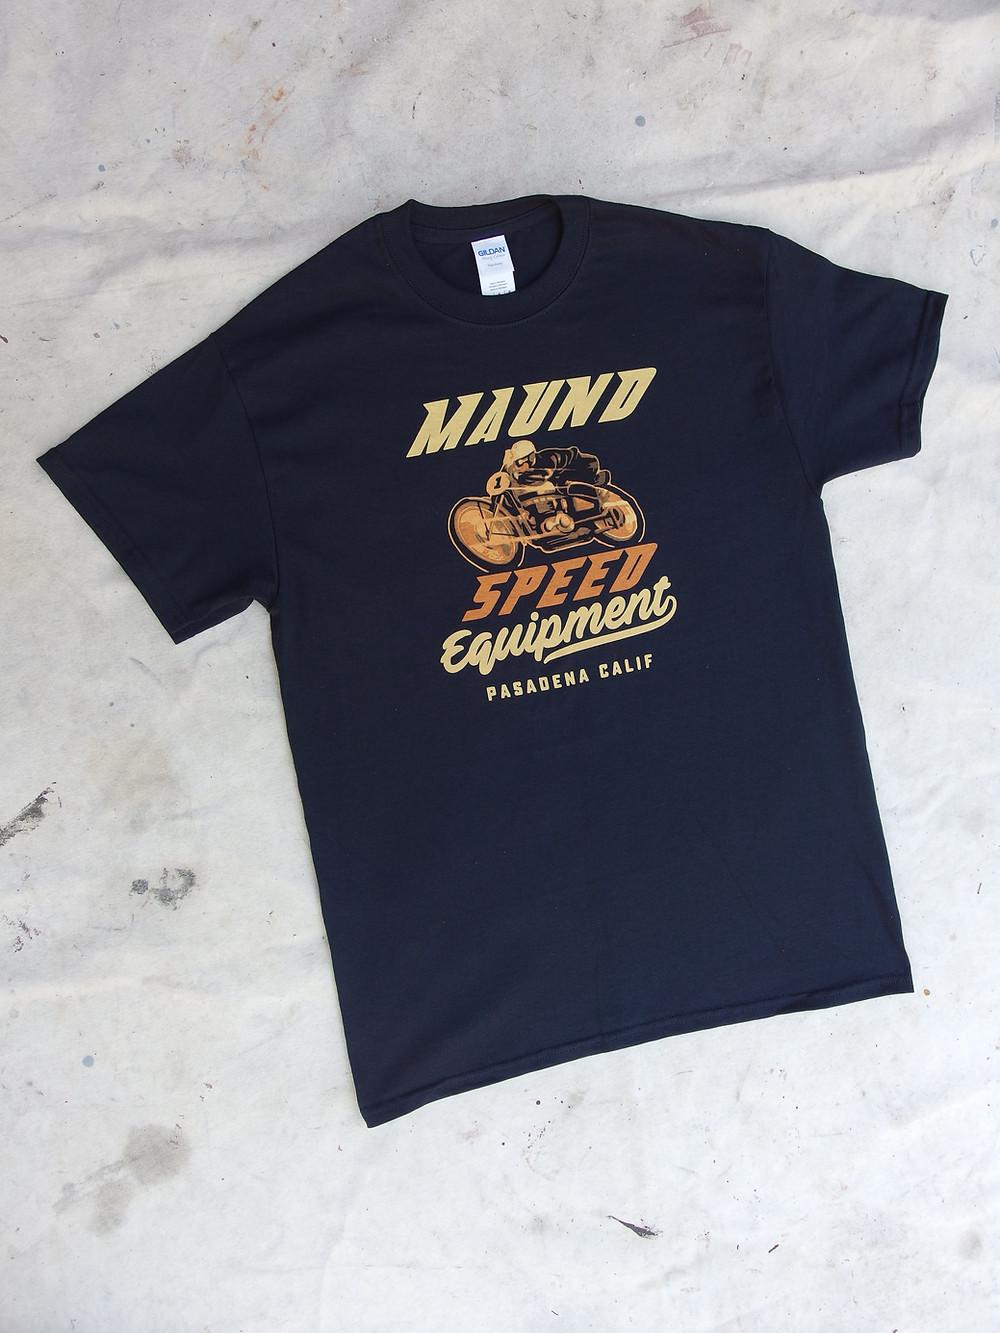 Maund Speed Equipment T Shirt